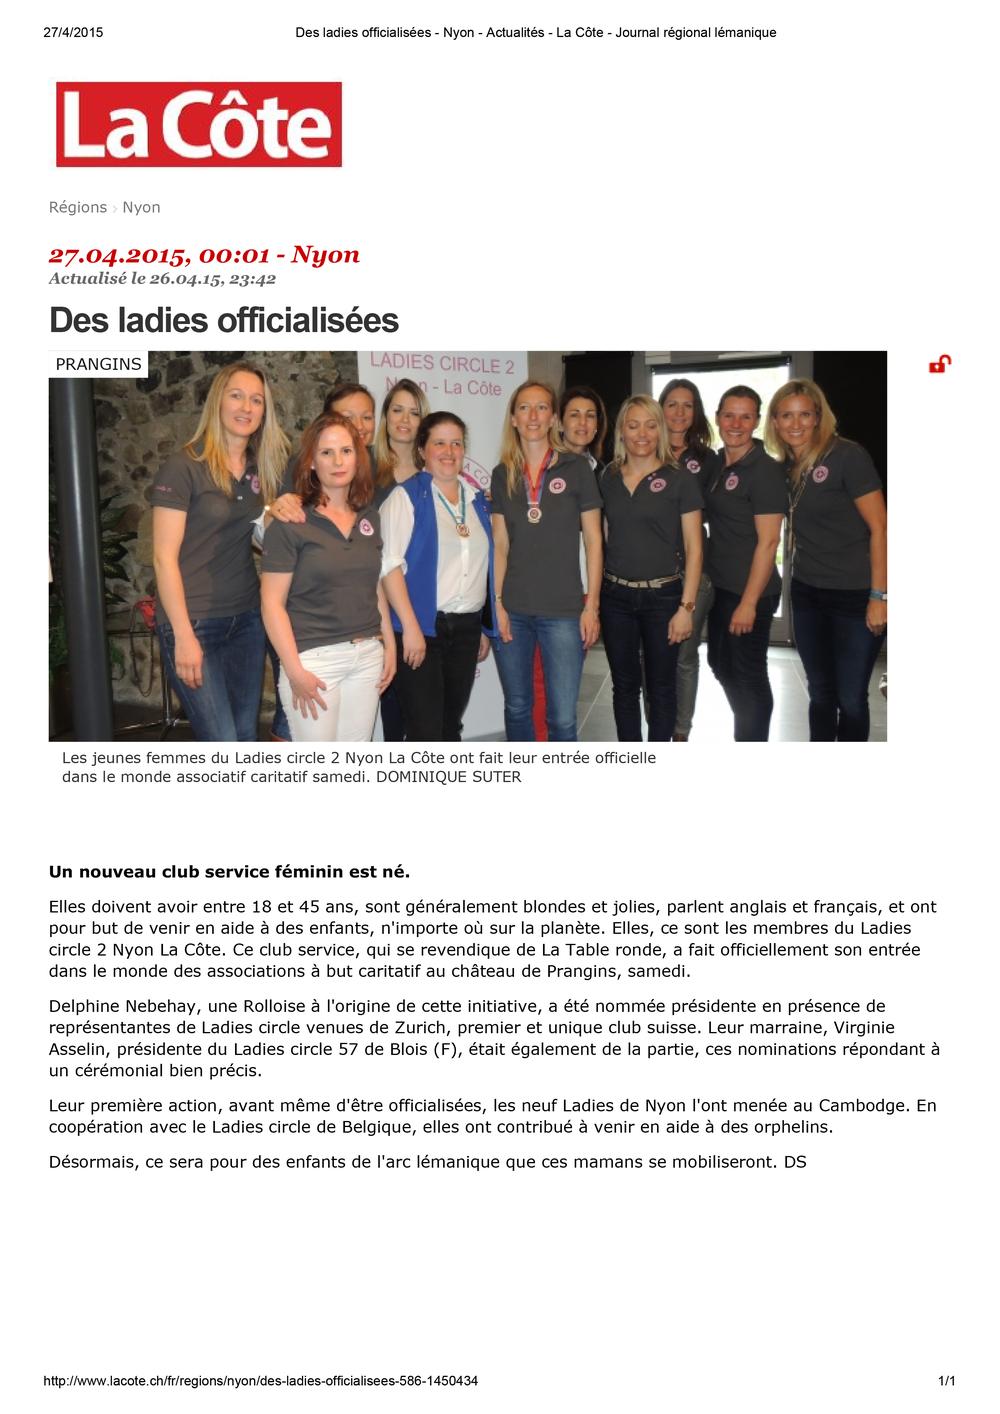 Des ladies officialisées - Nyon - Actualités - La Côte - Journal régional lémanique.jpg